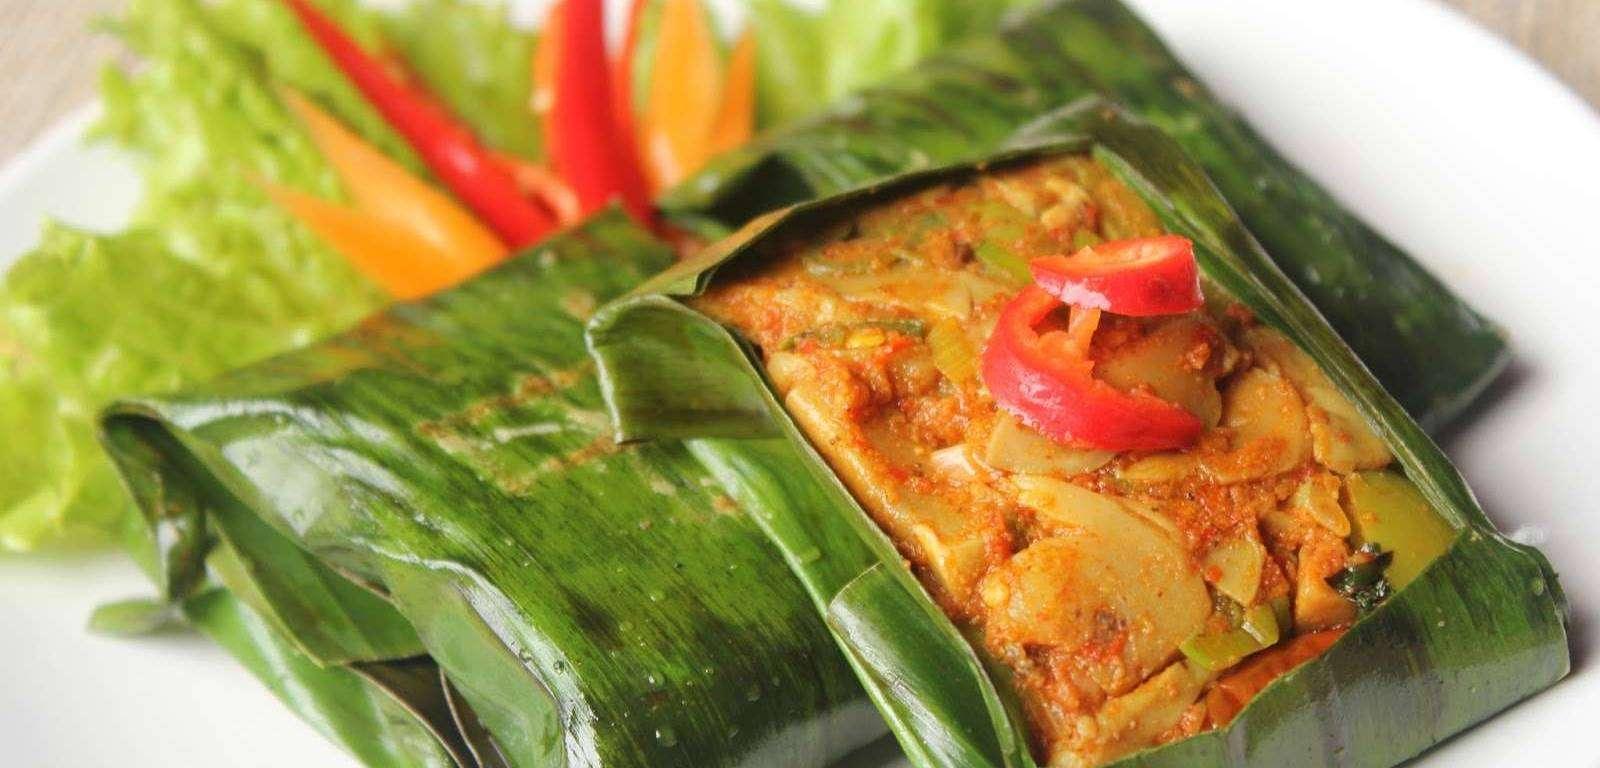 kumpulan resep masakan, belajar masak, cara membuat pepes jamur, kuliner khas sunda, kuliner nusantara